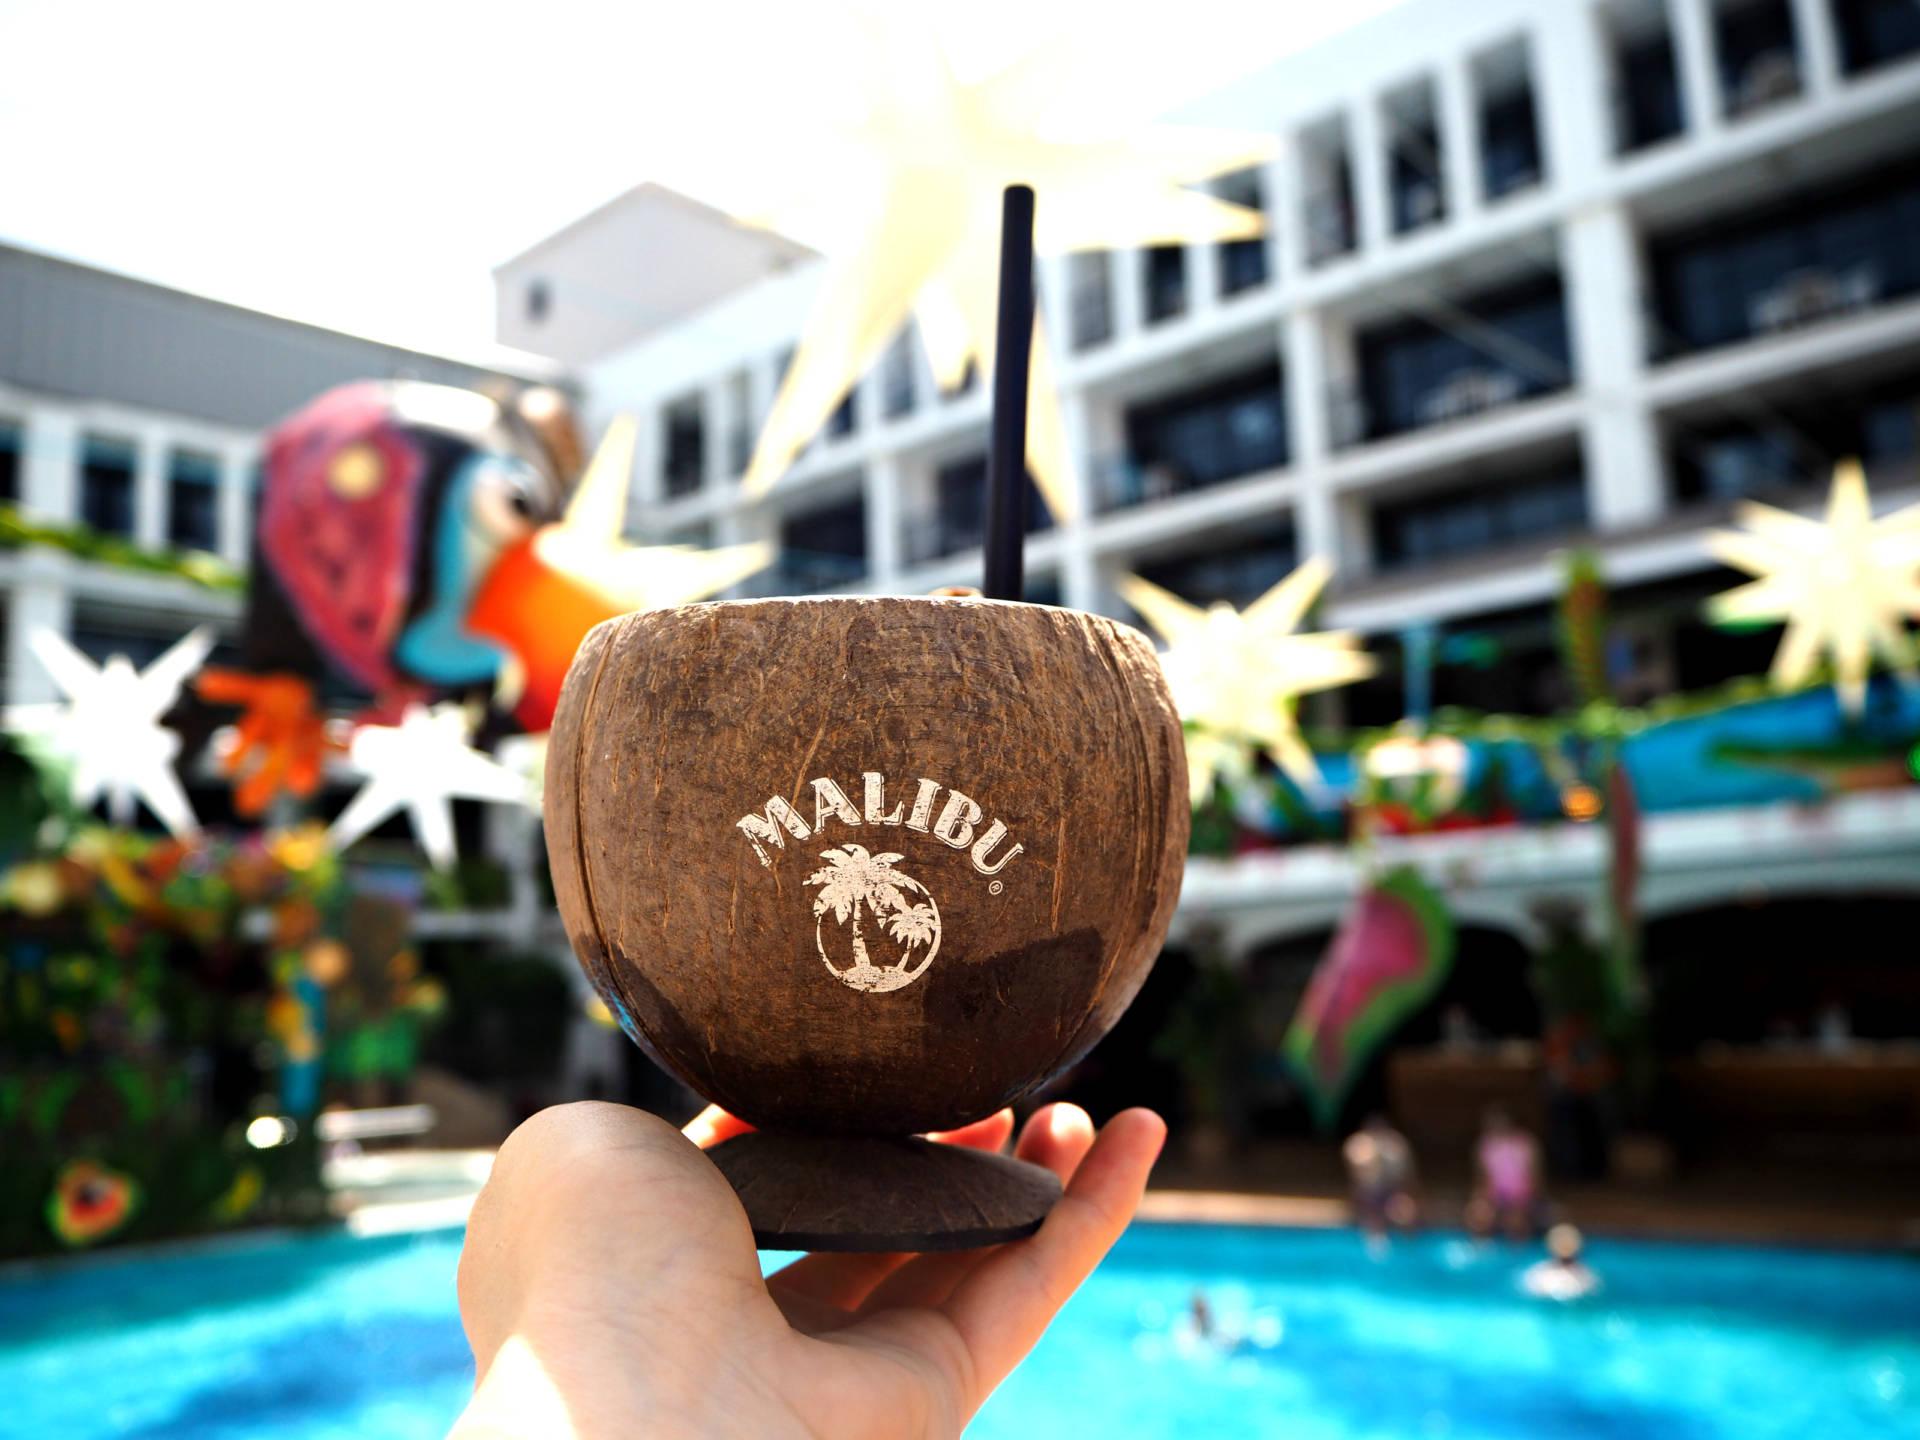 malibu rum drink hd wallpaper 66407